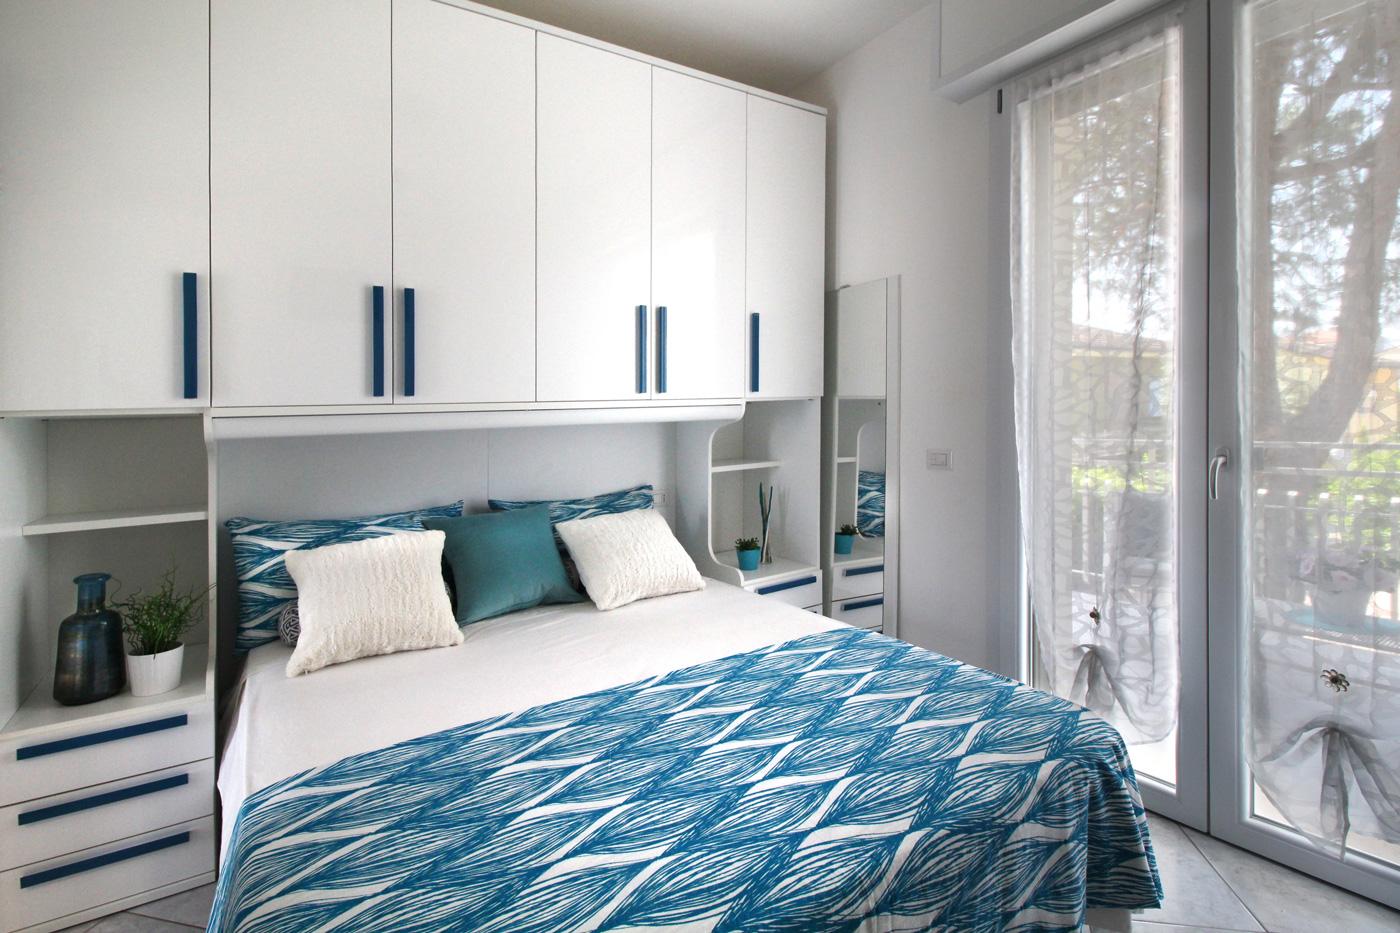 Appartamento sabrina romagna case vacanze-IMG_8773_2